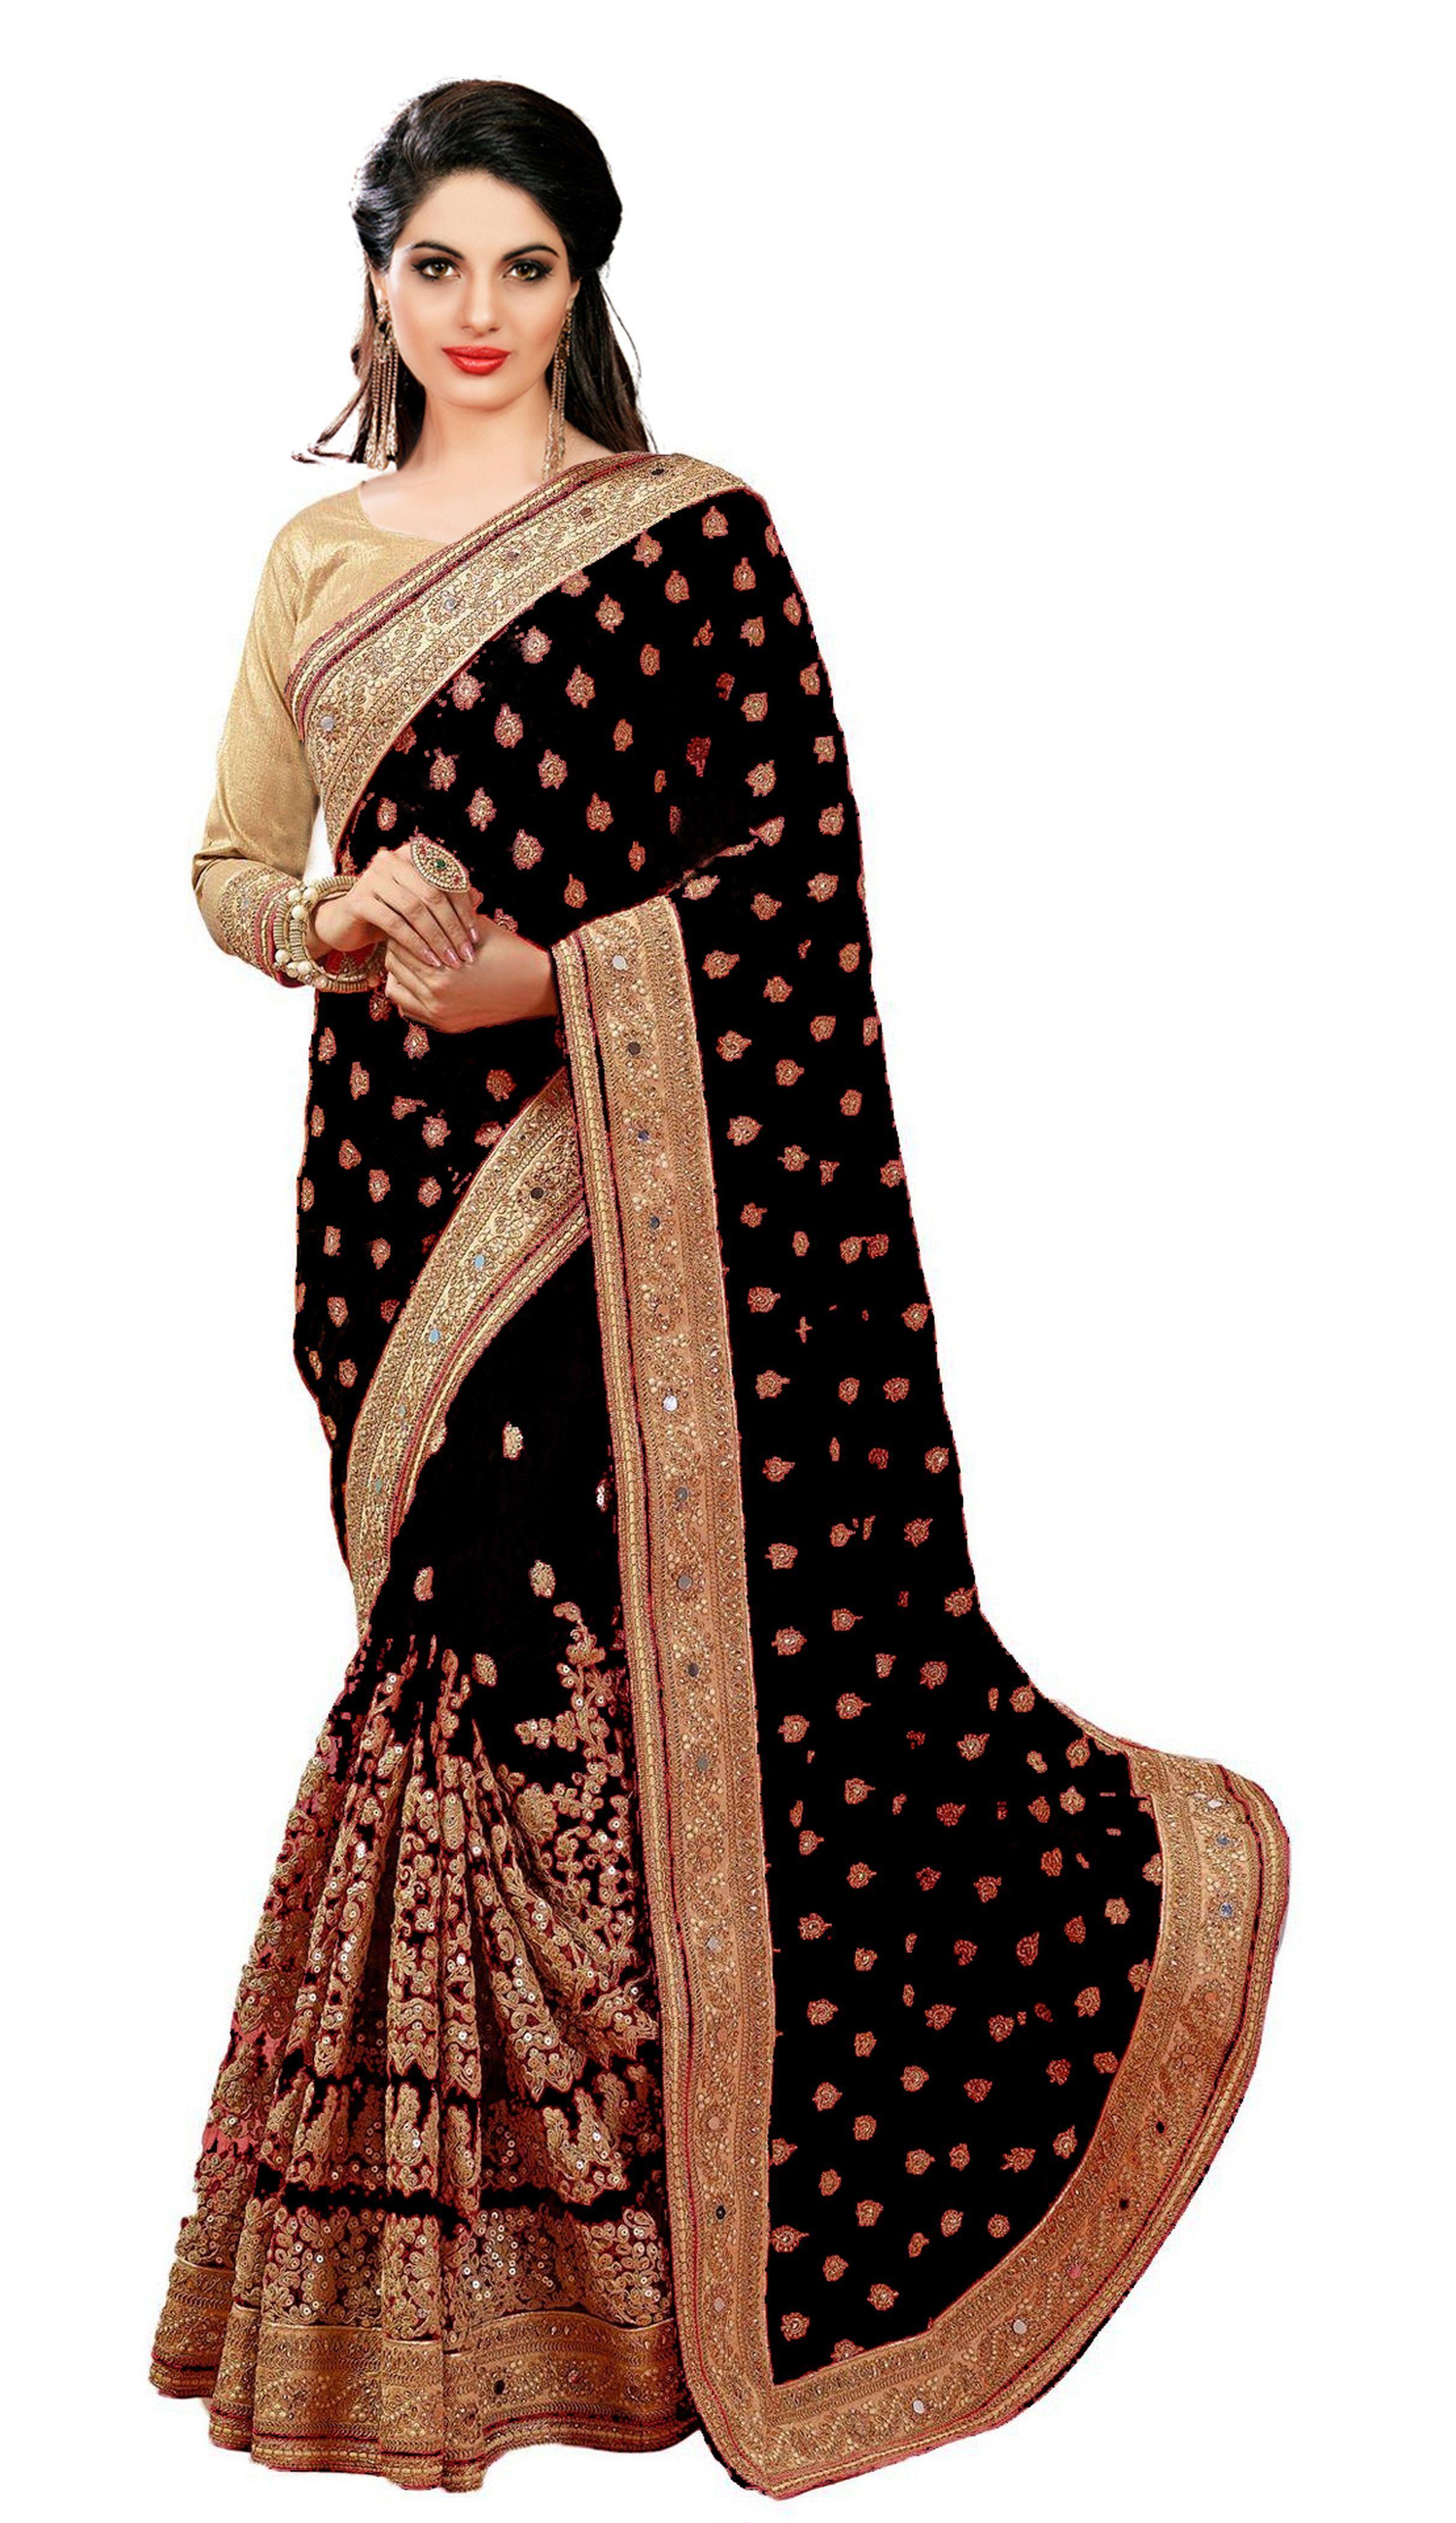 Satin & Net Heavy Embroidery design, Mirror work Saree